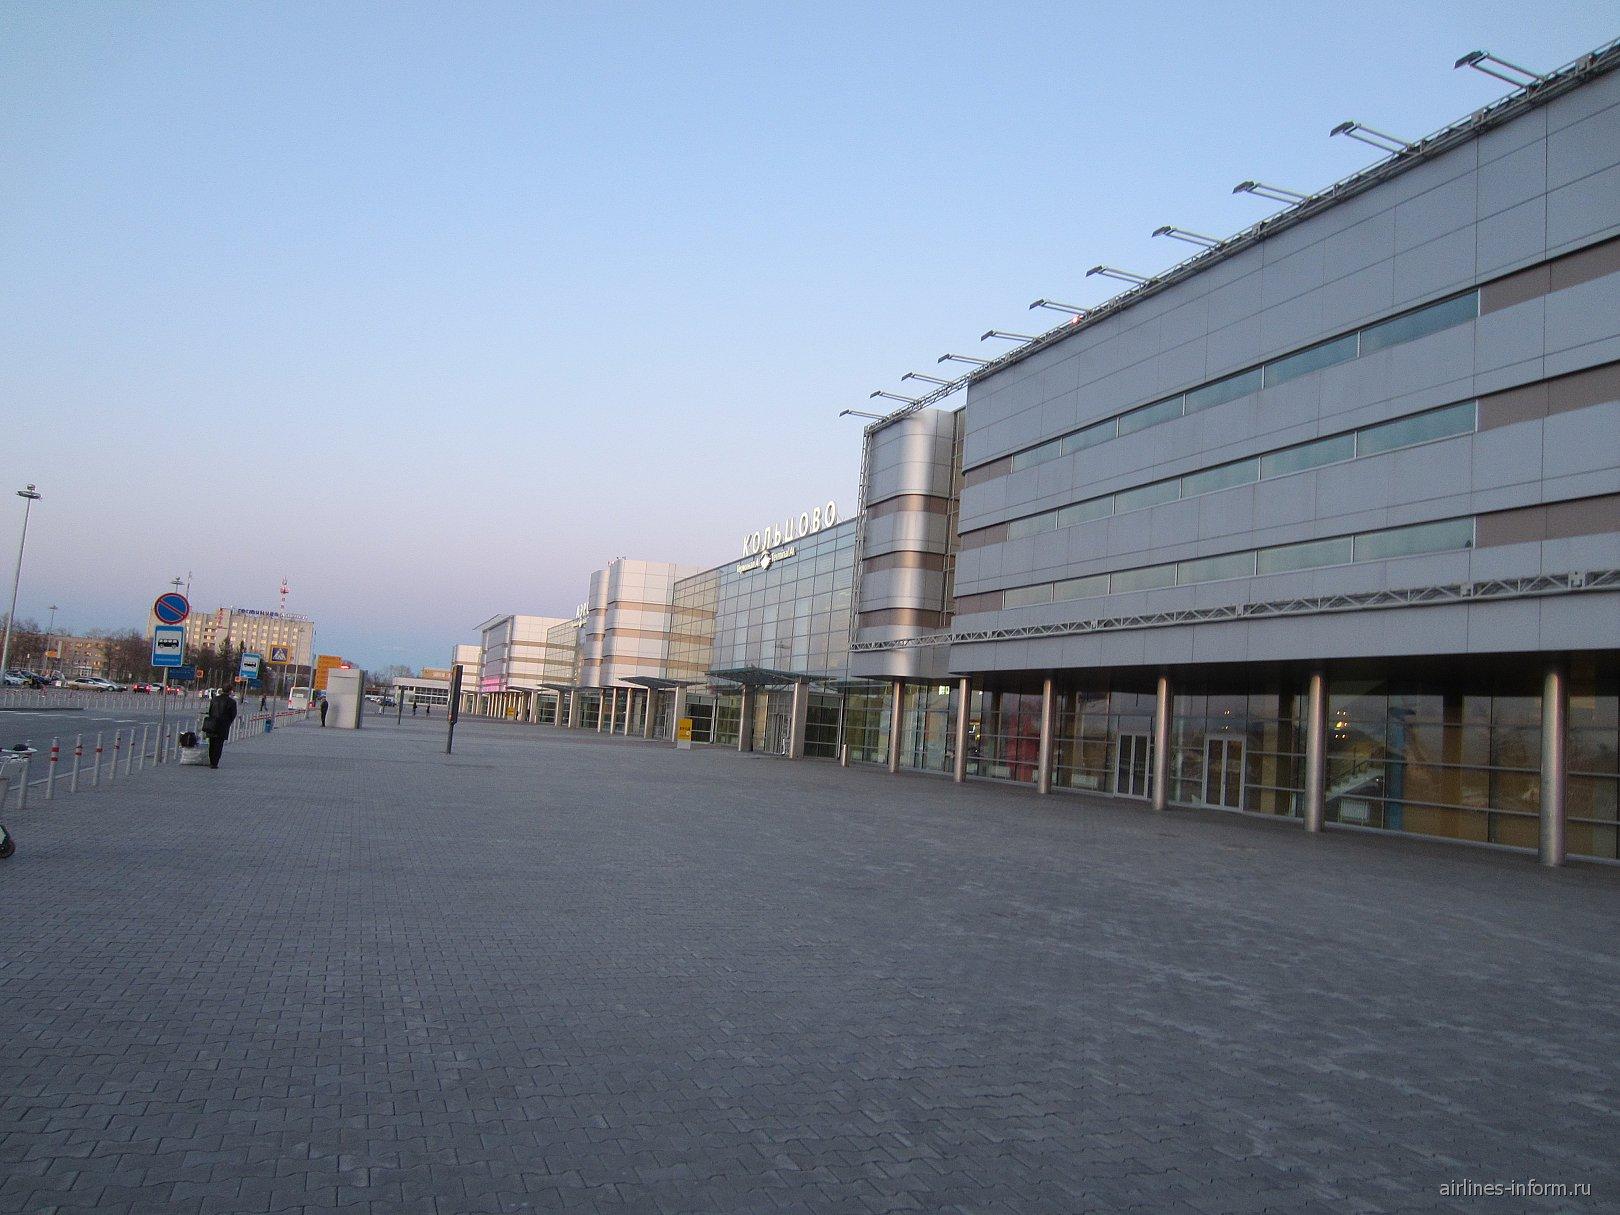 В аэропорту Екатеринбурга